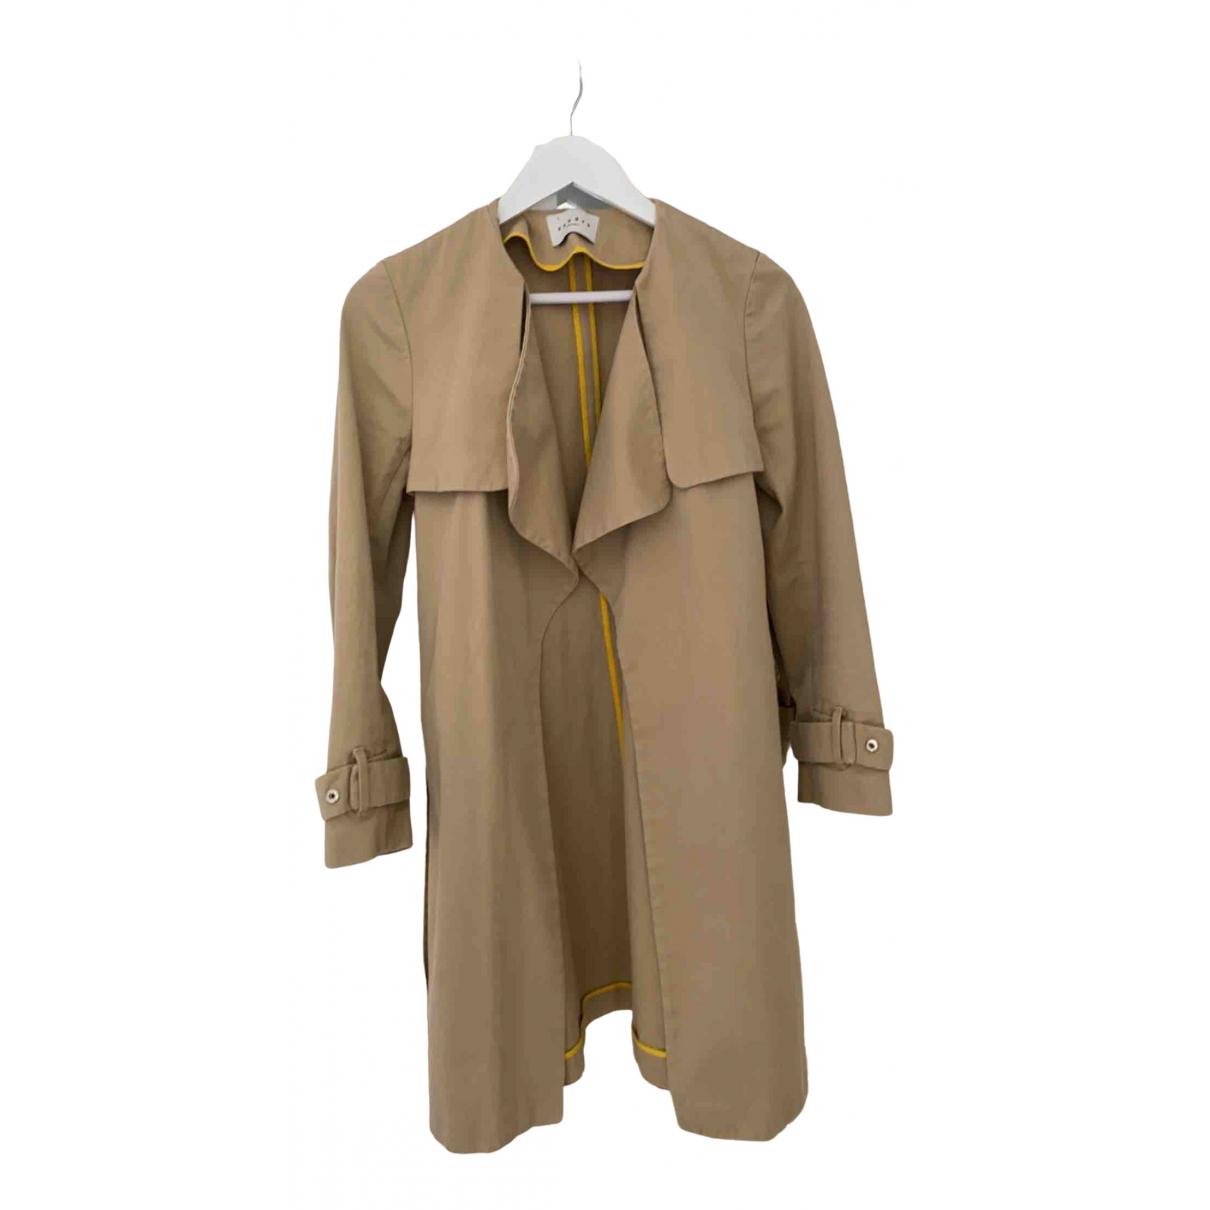 Sandro Spring Summer 2019 Beige Cotton Trench coat for Women 38 FR